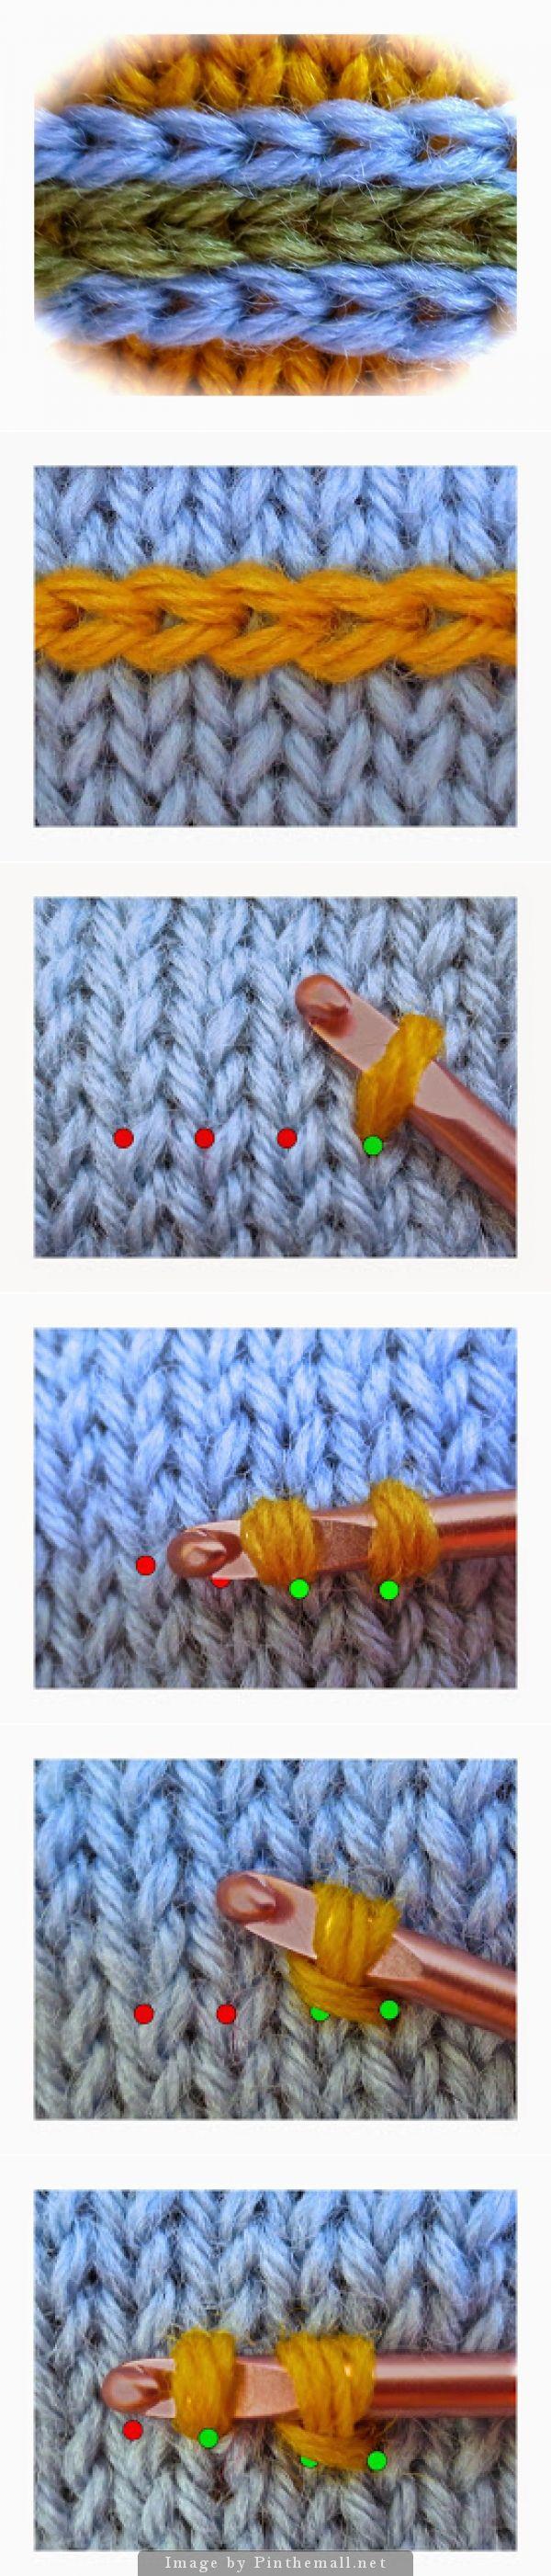 Zierstich gehäkelt | Stricken und Häkeln | Pinterest | Stricken ...